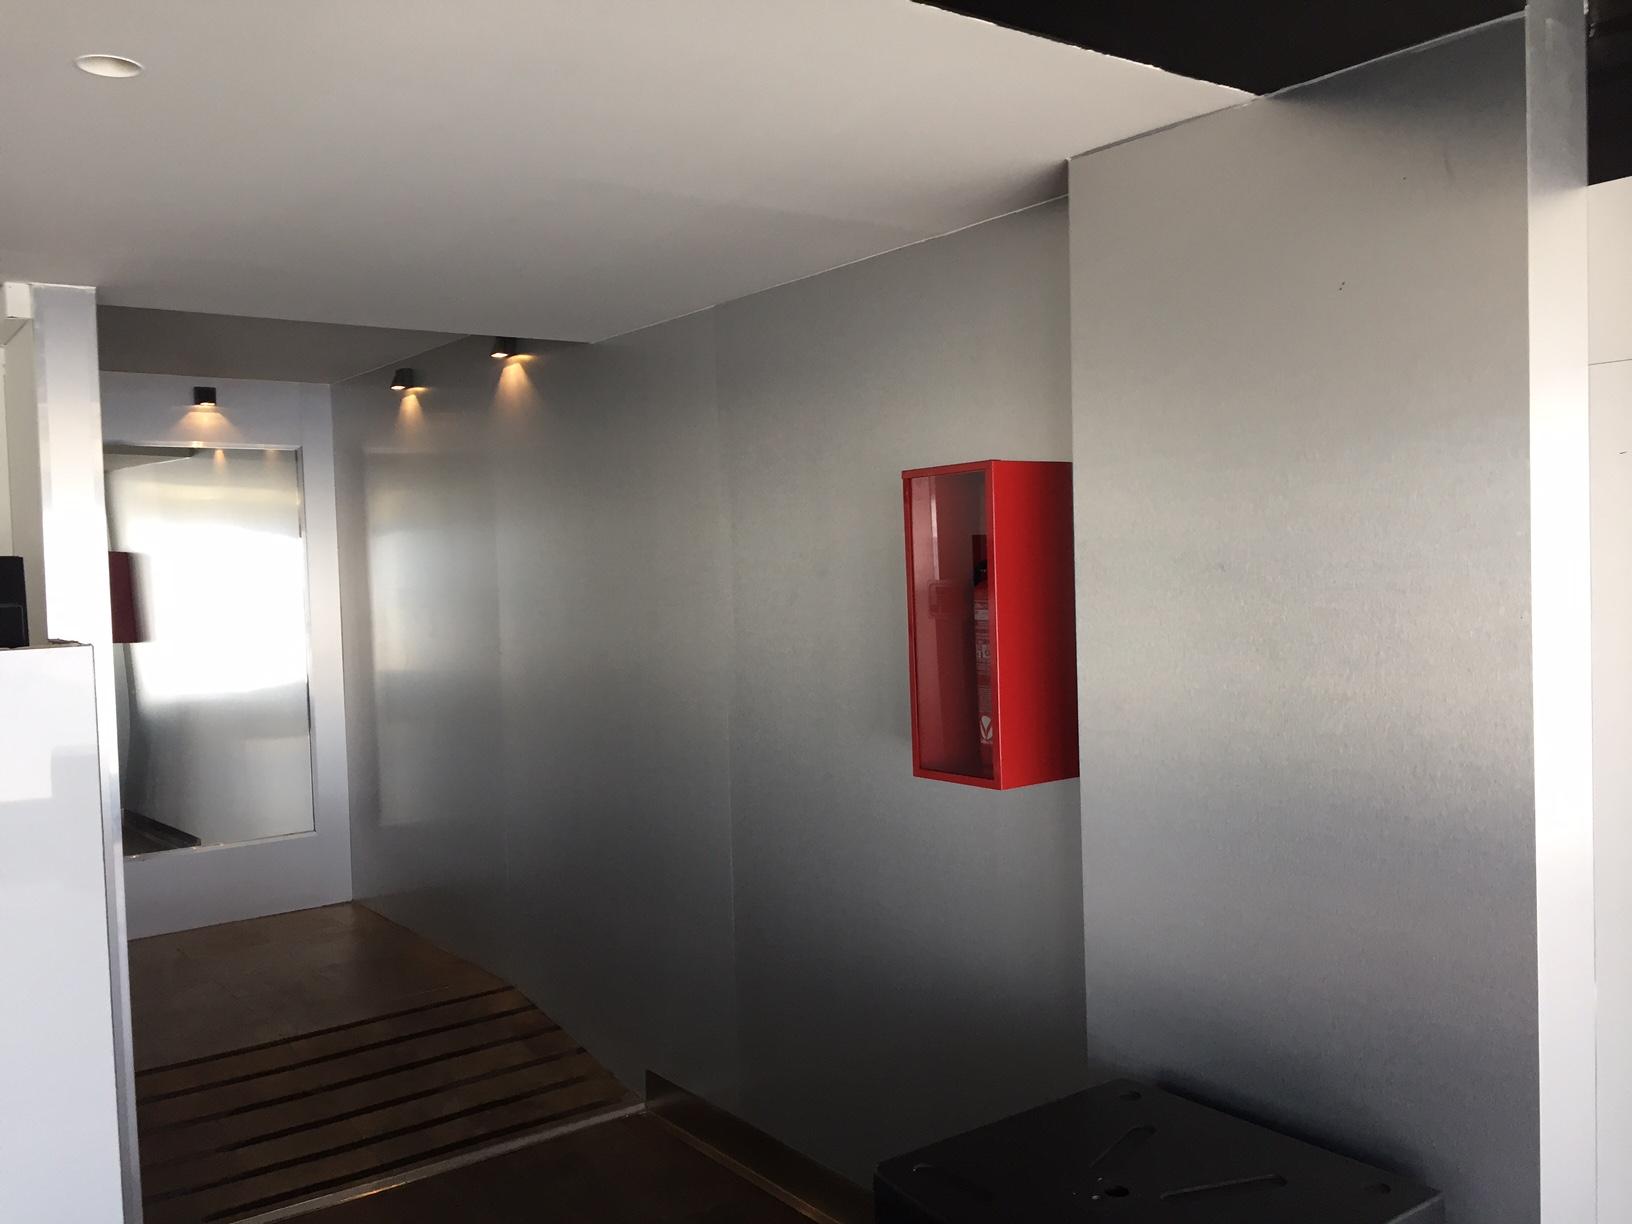 iluminación led para interiores y decoración Murcia